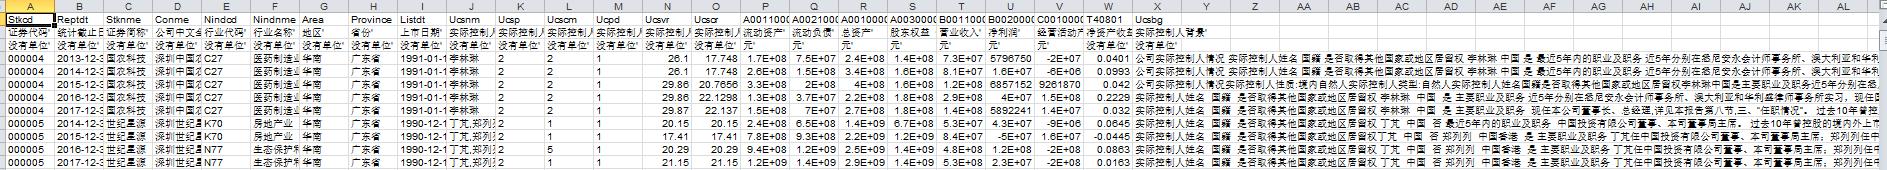 b9c11387728913544d8c508024312da.png